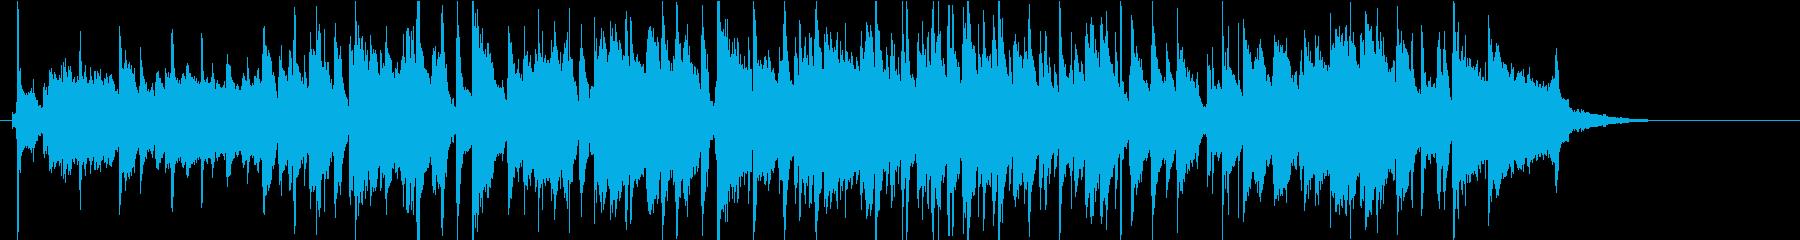 おしゃれなバーがイメージのしっとりジャズの再生済みの波形